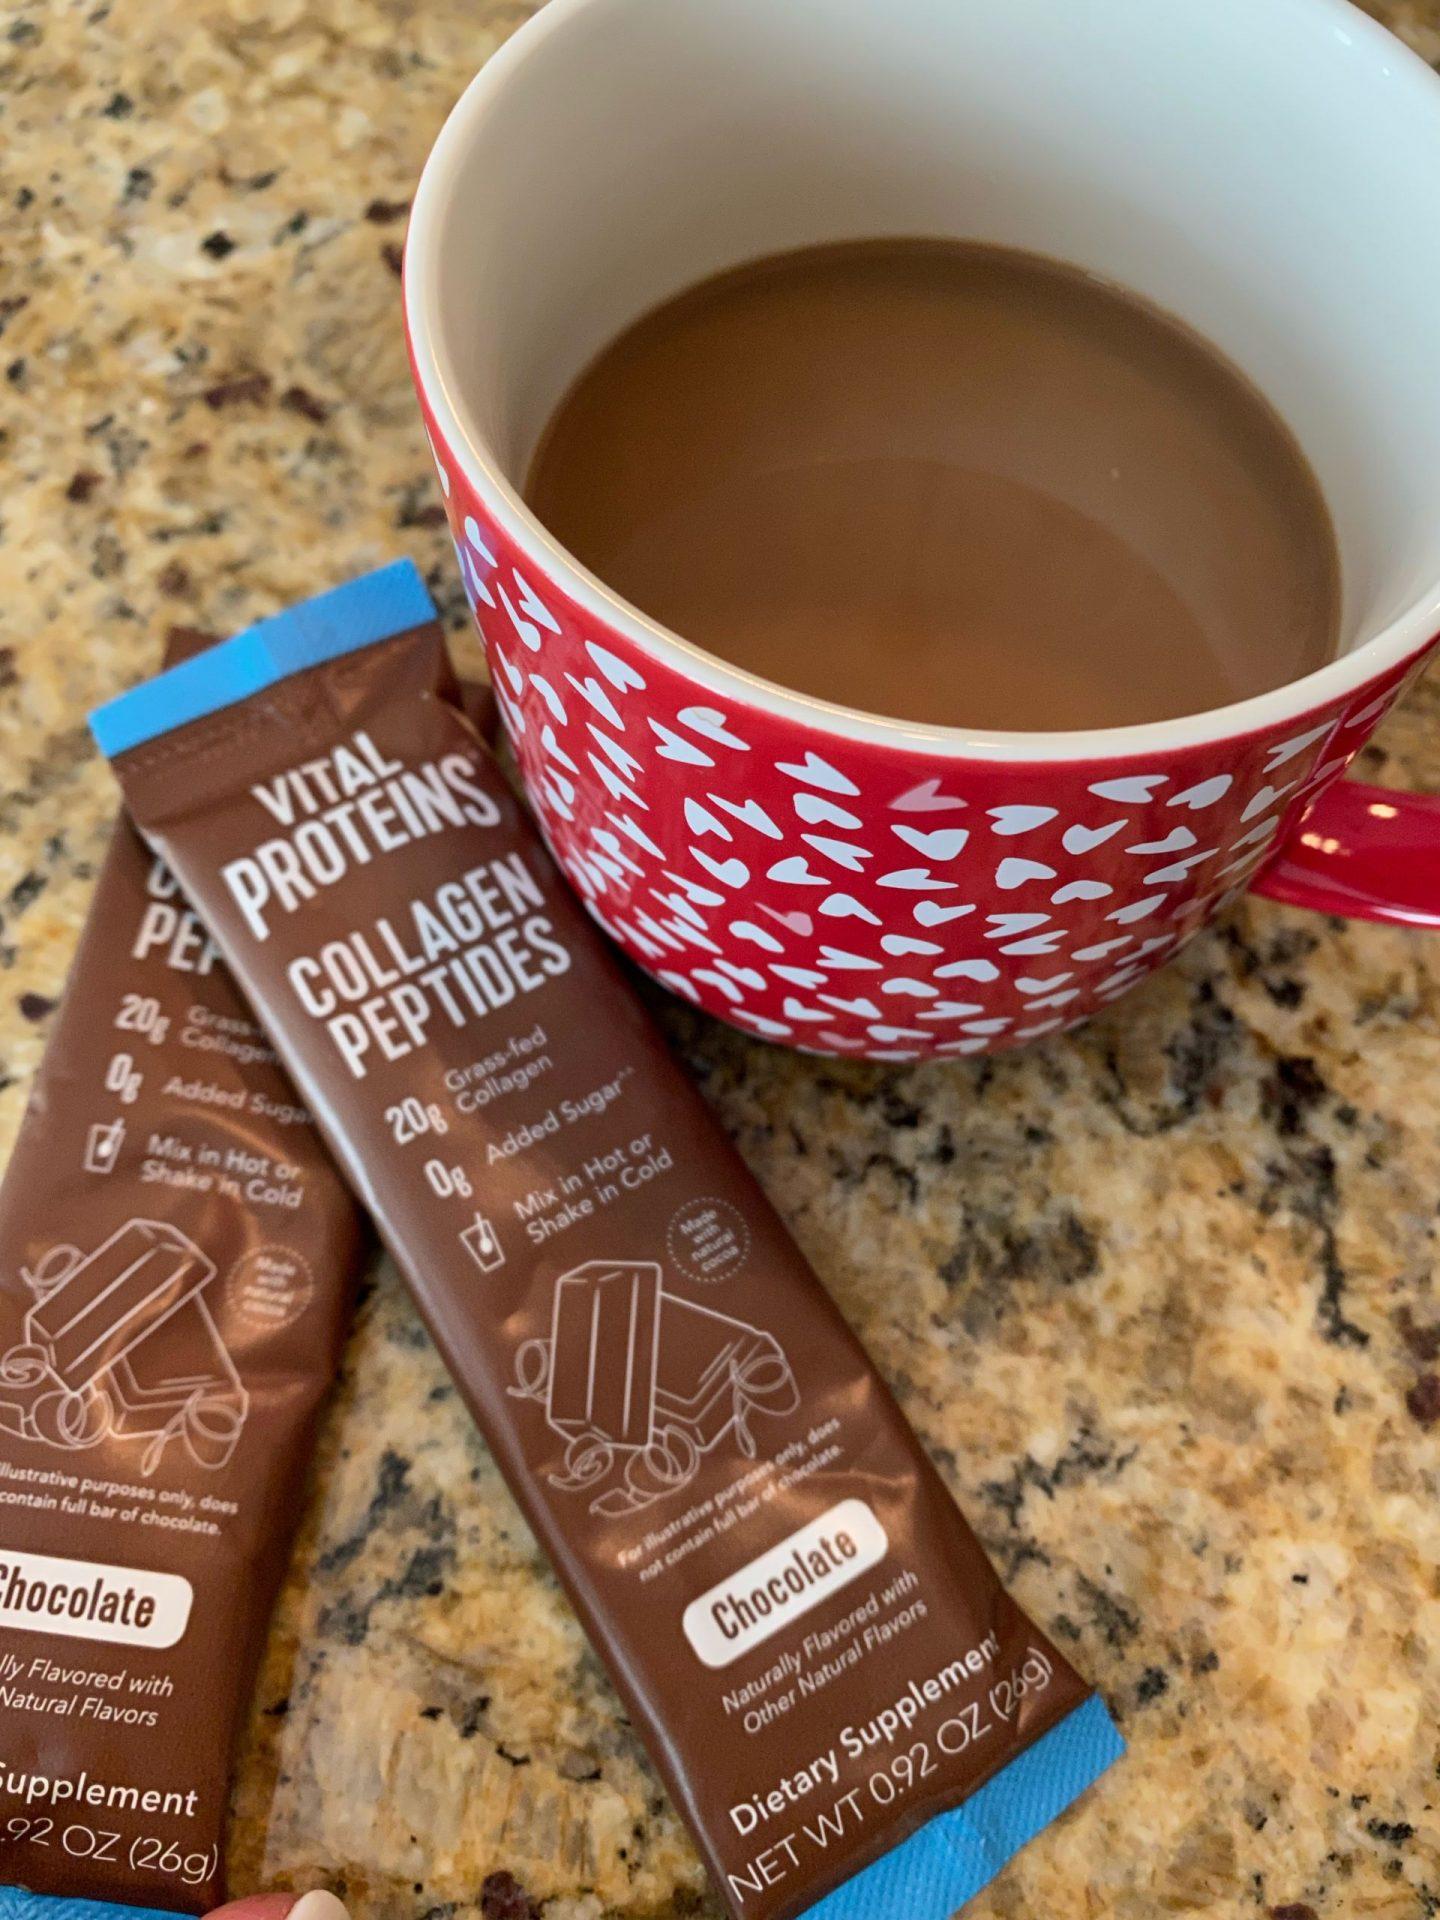 VITAL PROTEINS CHOCOLATE PRE-WEEKEND FRIDAY FAVORITES